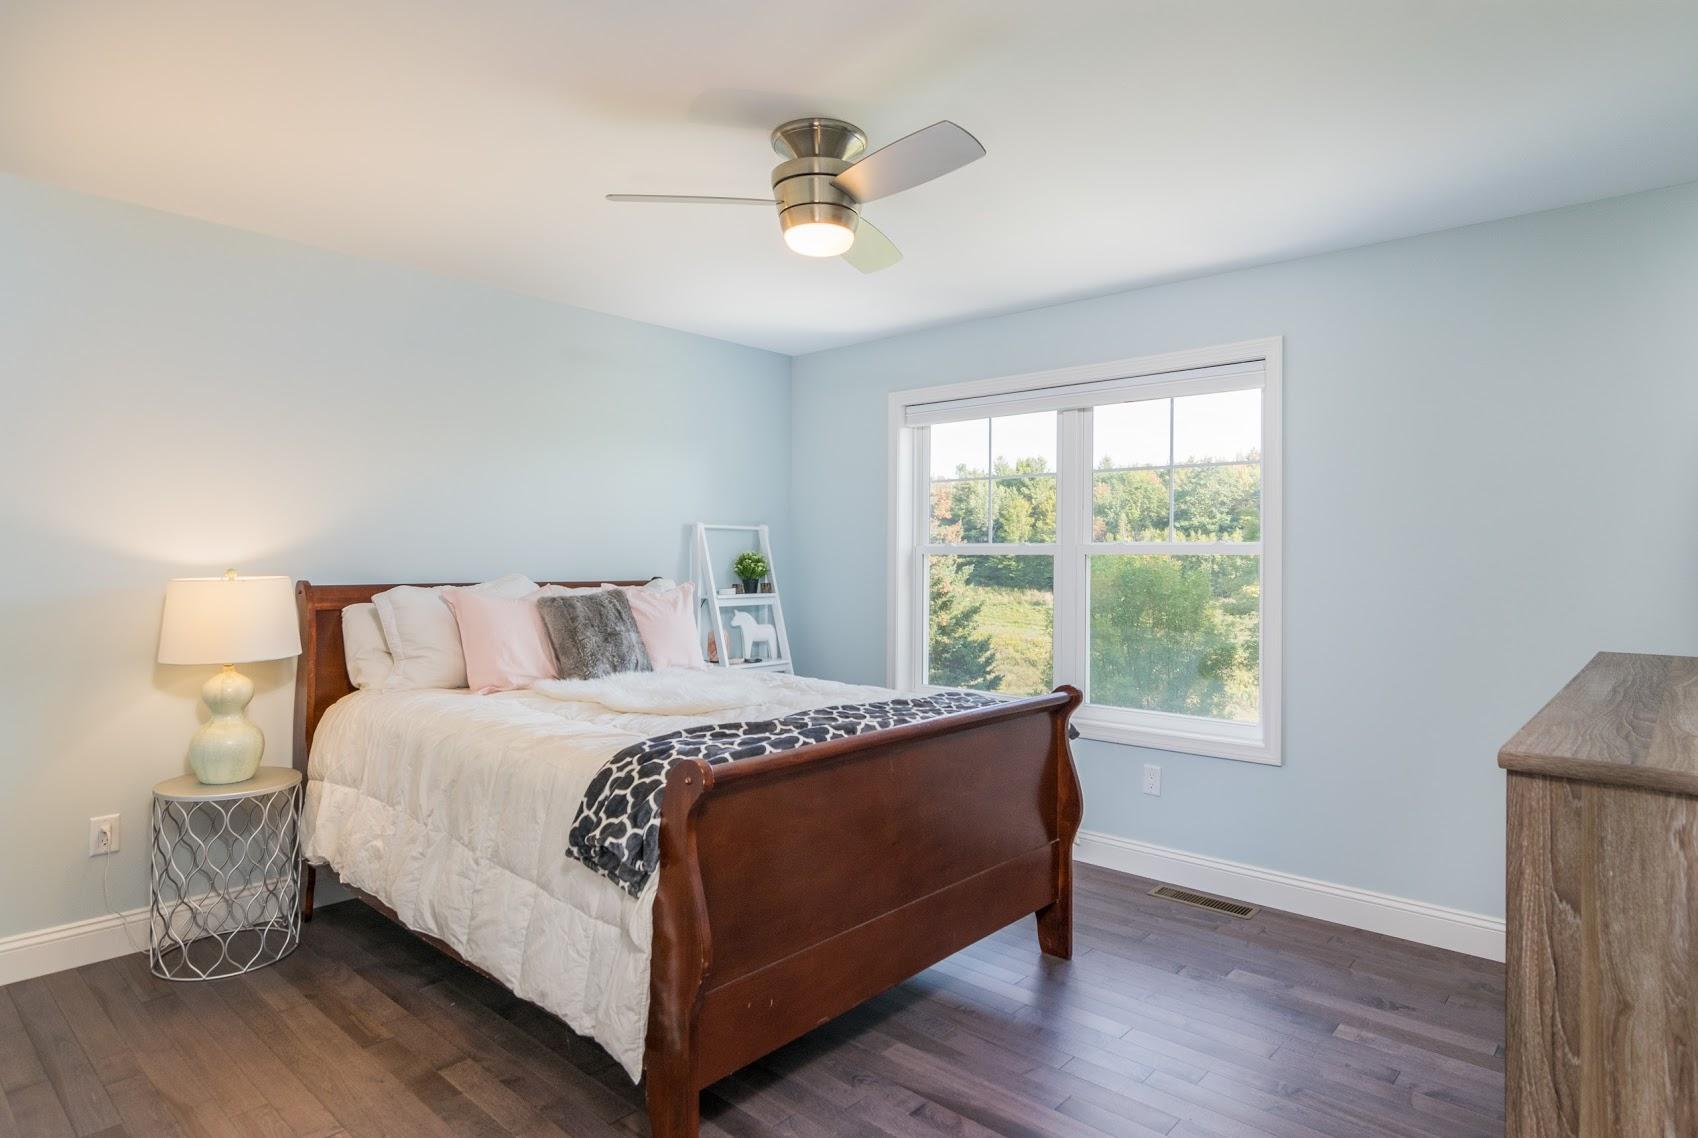 http://www.blackrockus.com/wp-content/uploads/2017/12/Freeman-Woods-Bedroom.jpg